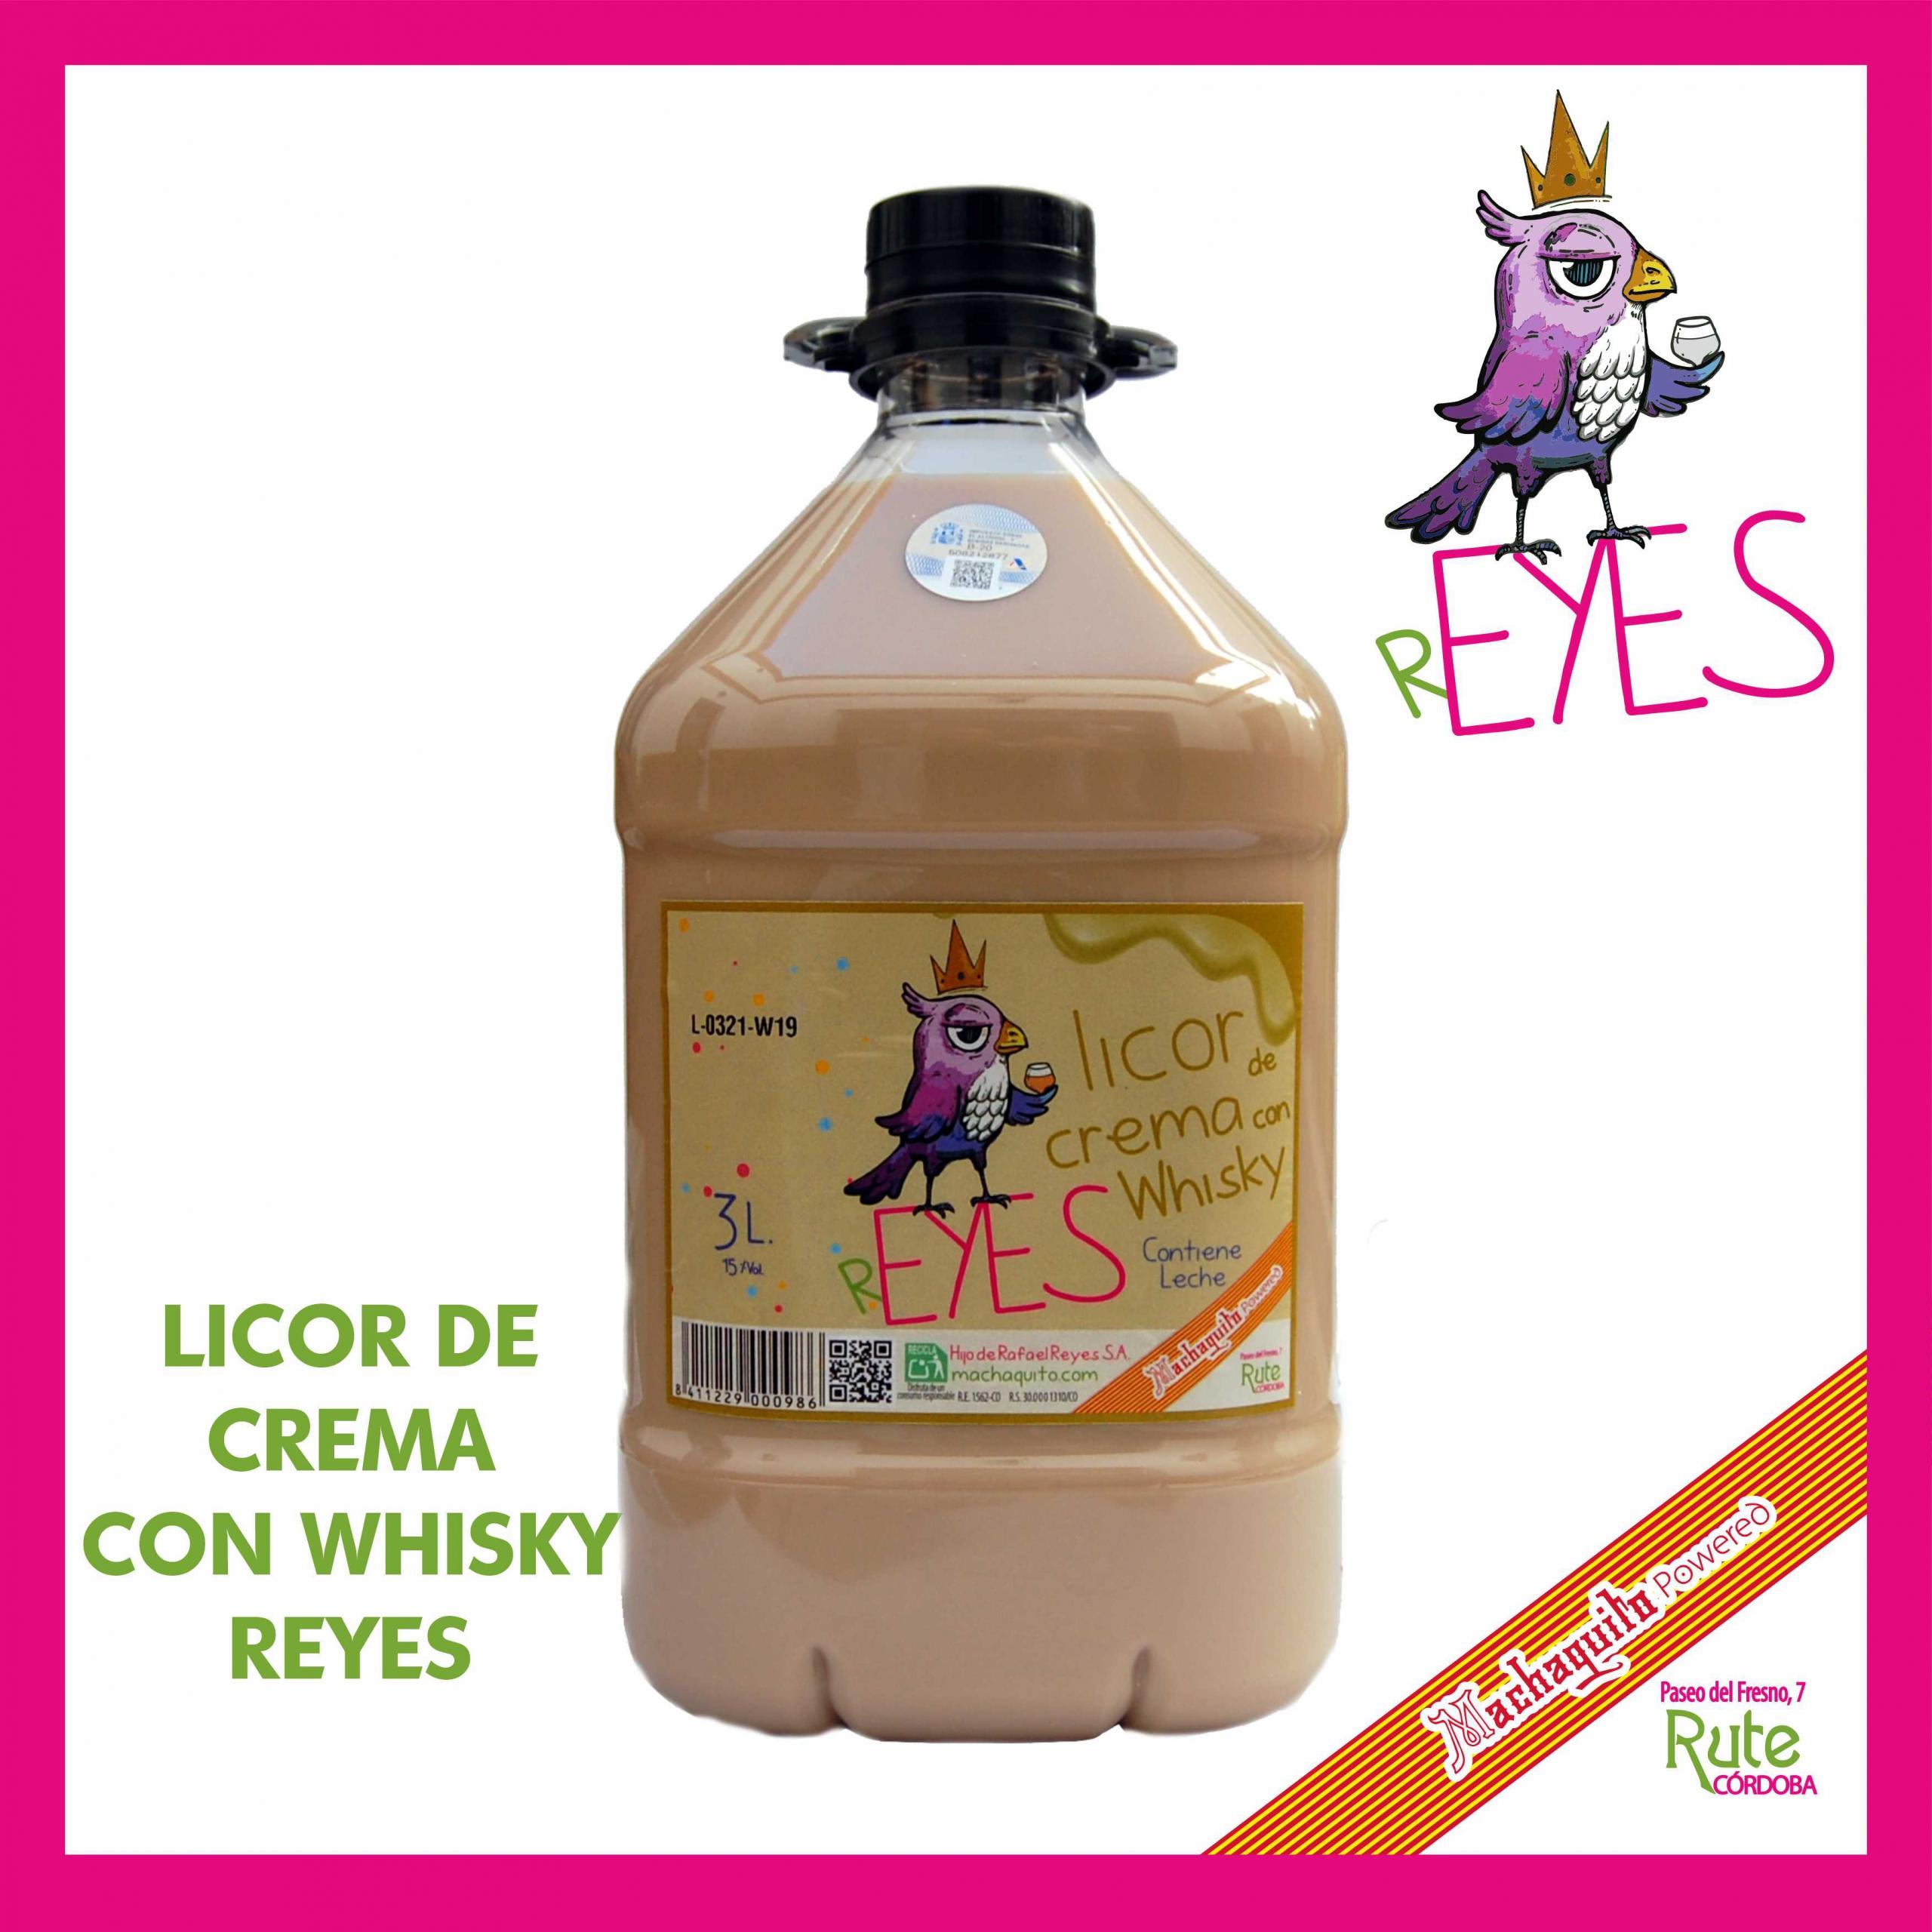 LICOR DE CREMA CON WHISKY 3